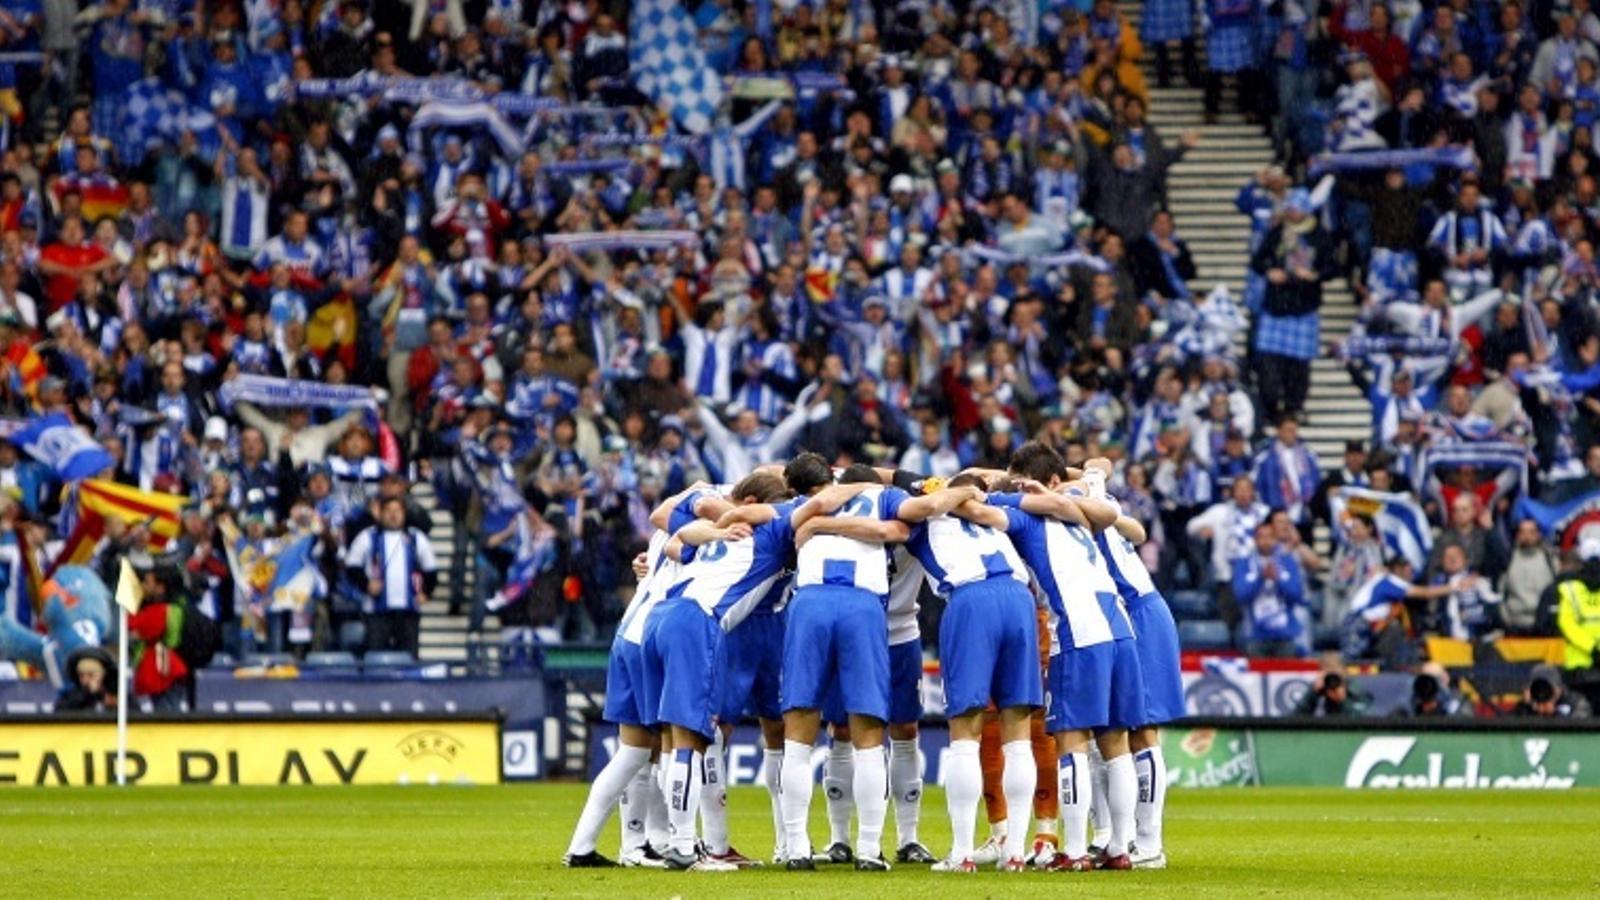 L'últim partit de l'Espanyol a Europa va ser la final de Glasgow del 2007